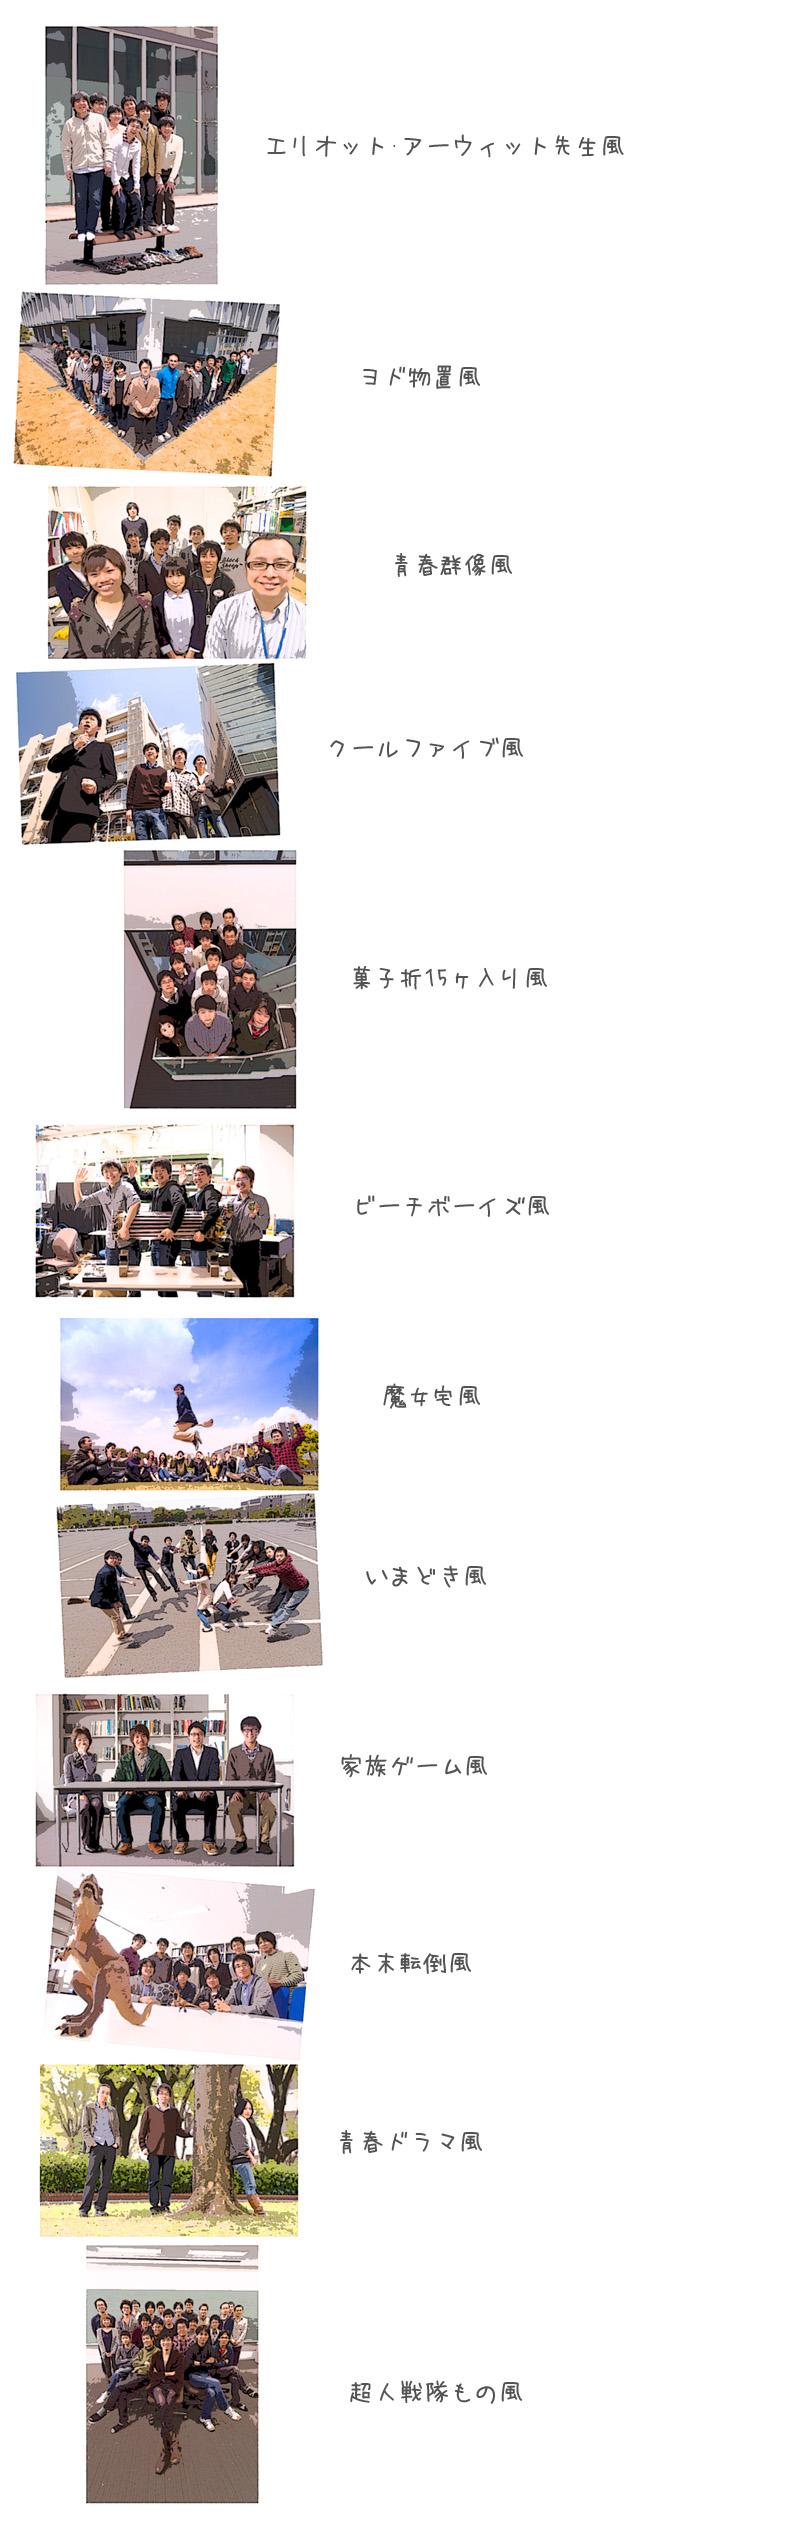 集合写真のエトセトラ_a0120304_1544513.jpg